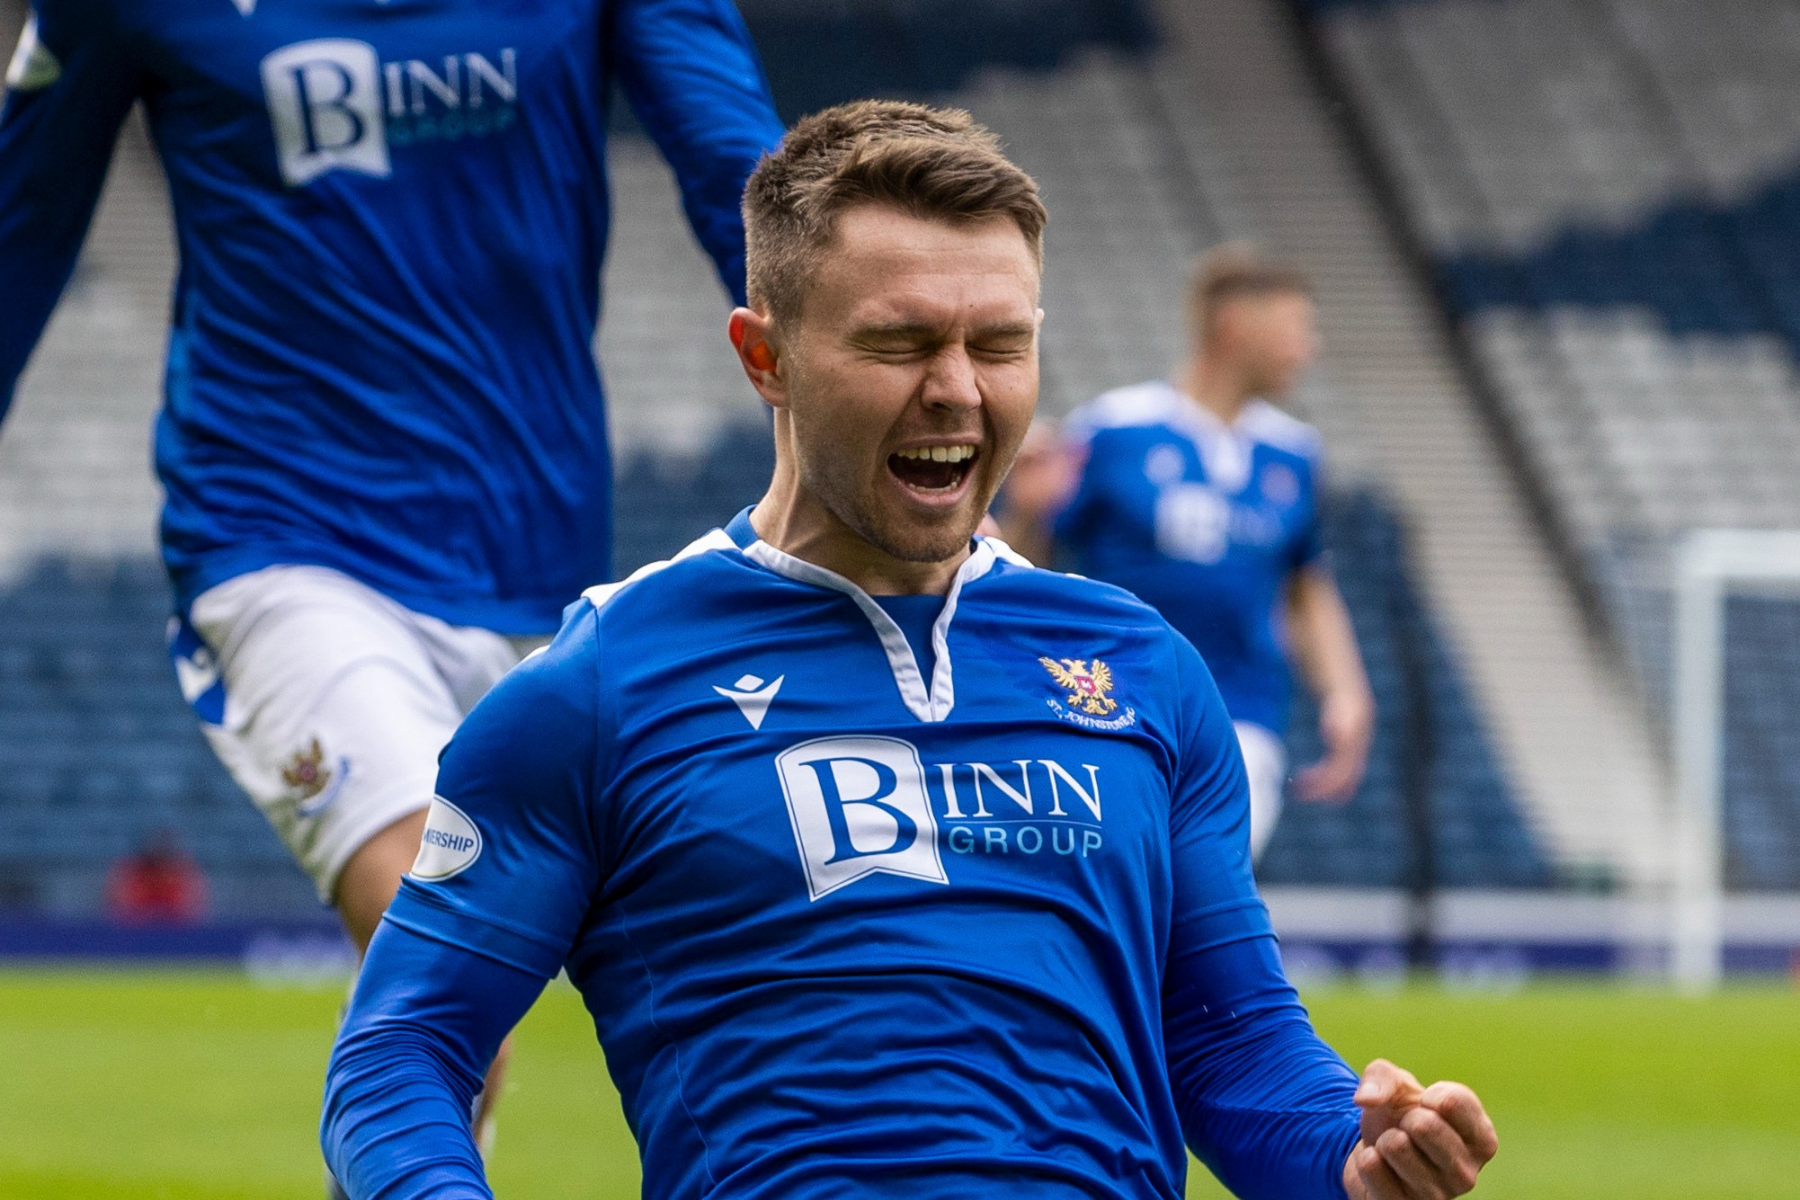 St Johnstone confirm loan signing of Glenn Middleton from Rangers